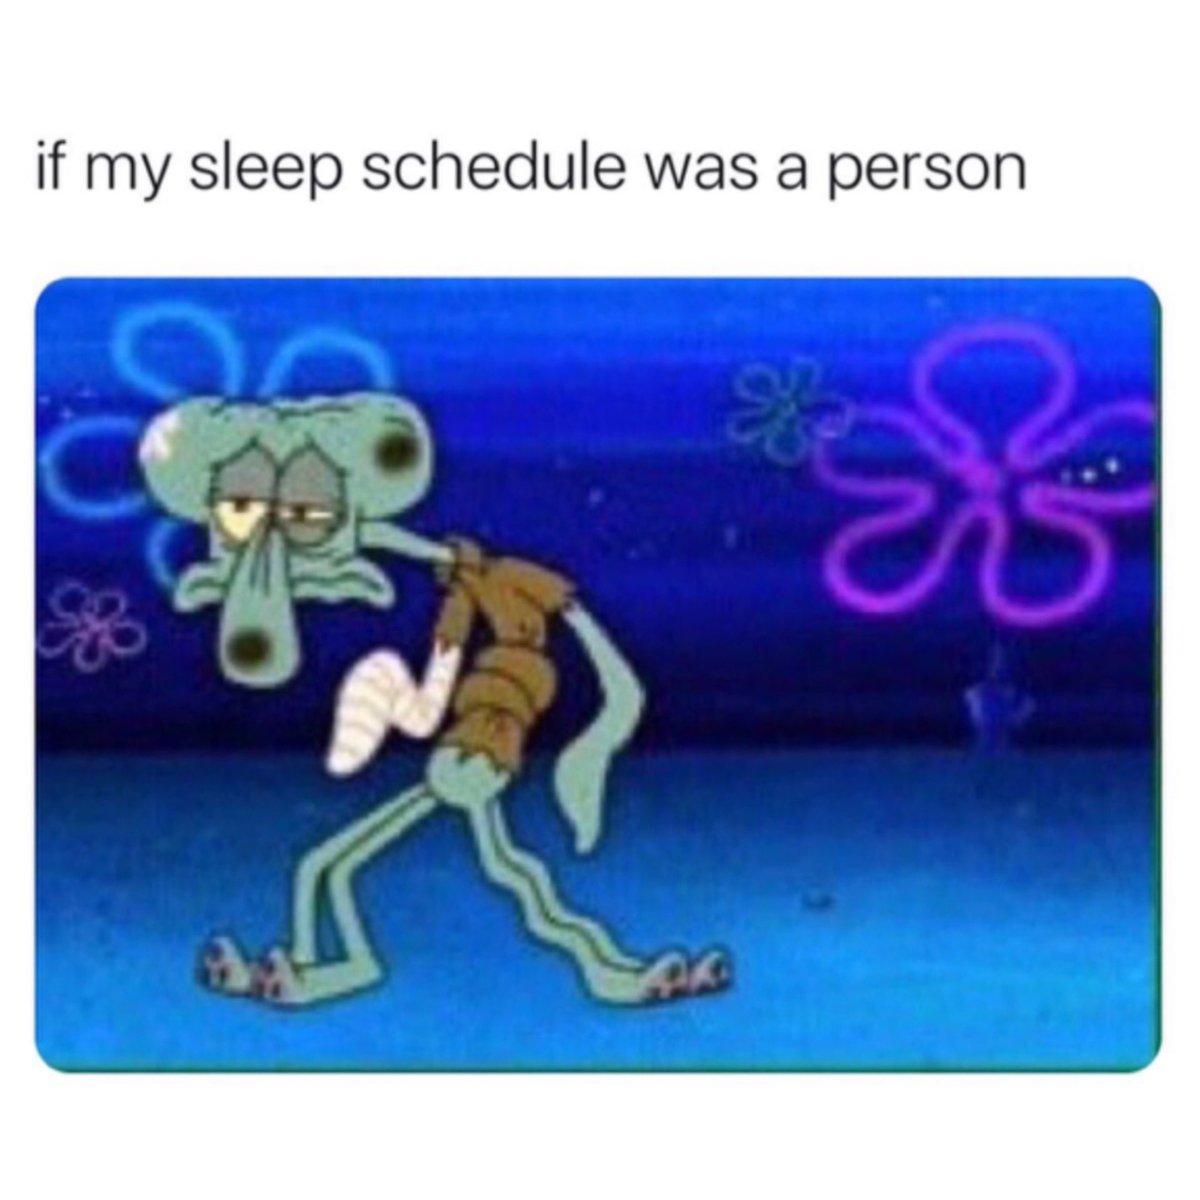 Who else feeling like this?! 👇😩 https://t.co/BdWErNWFRr